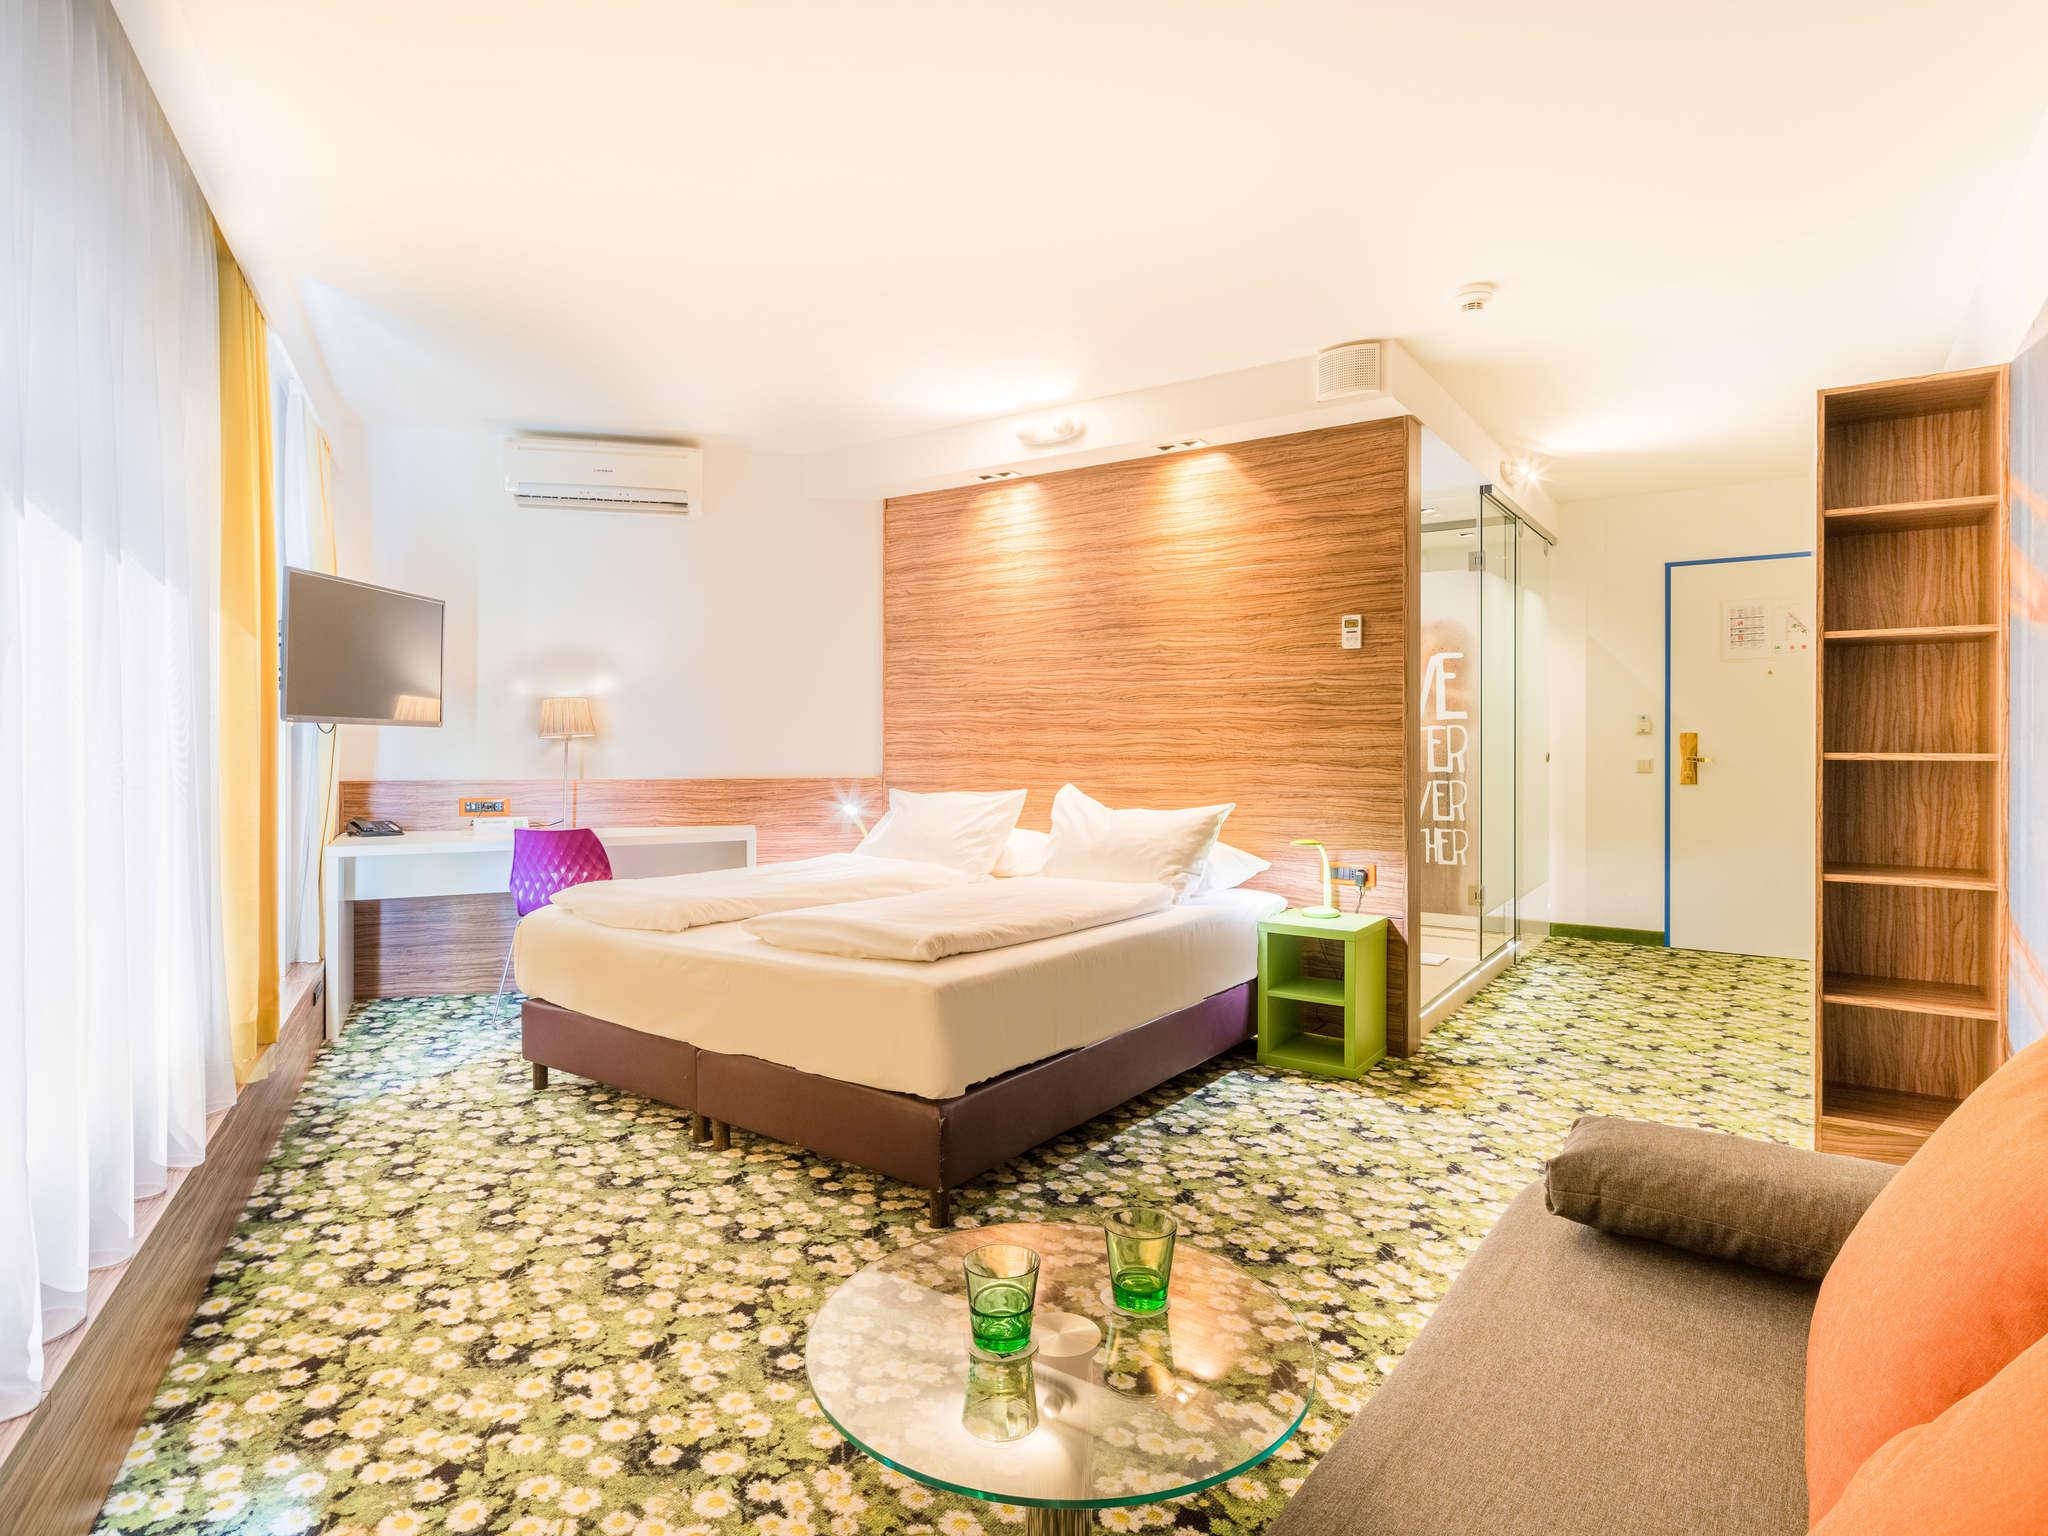 فندق - فندق إيبيس ستايلز ibis Styles فين سيتي